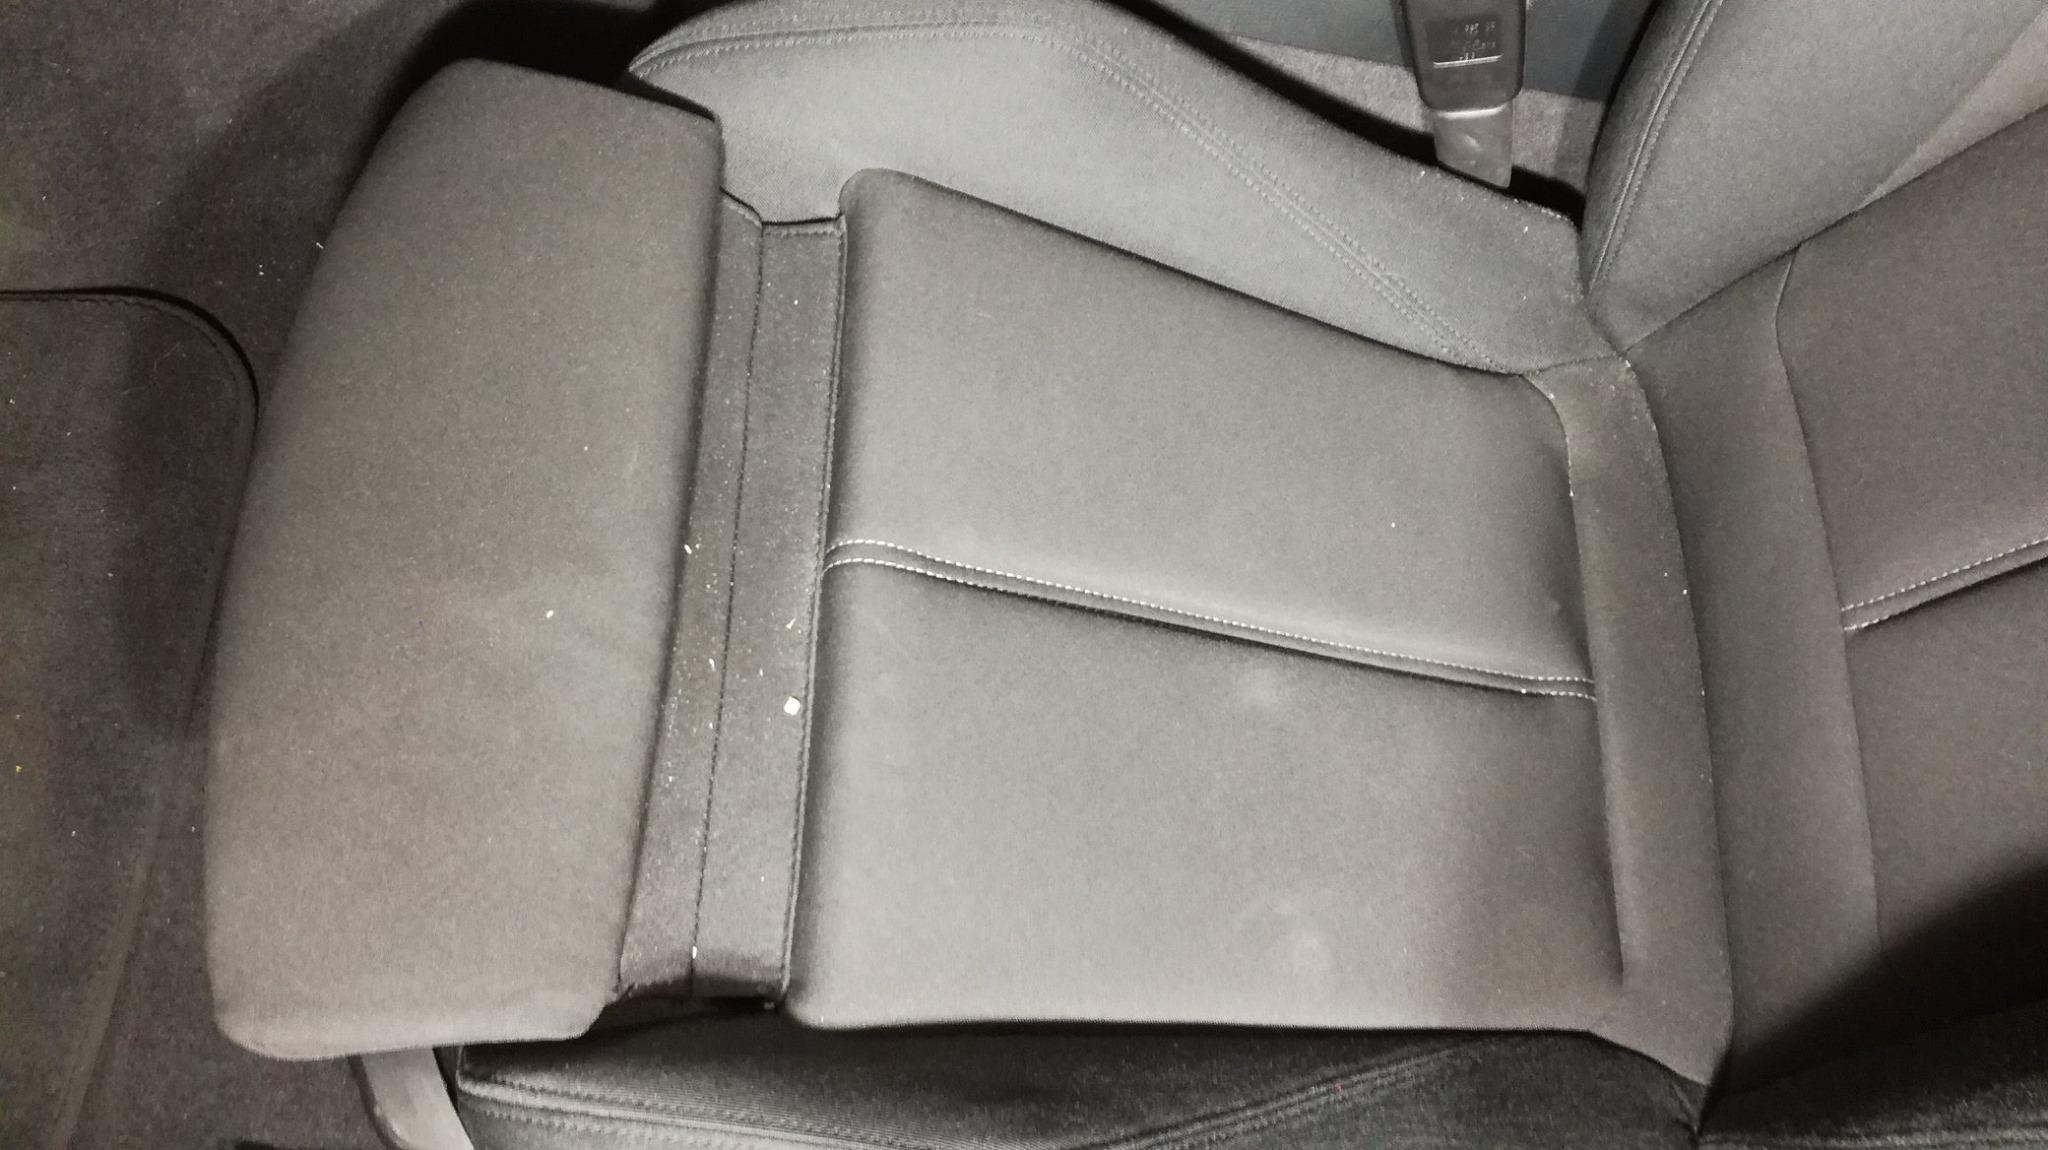 Čištění interiérů aut AUTO KRAUS GARAGE - profesionální detailing